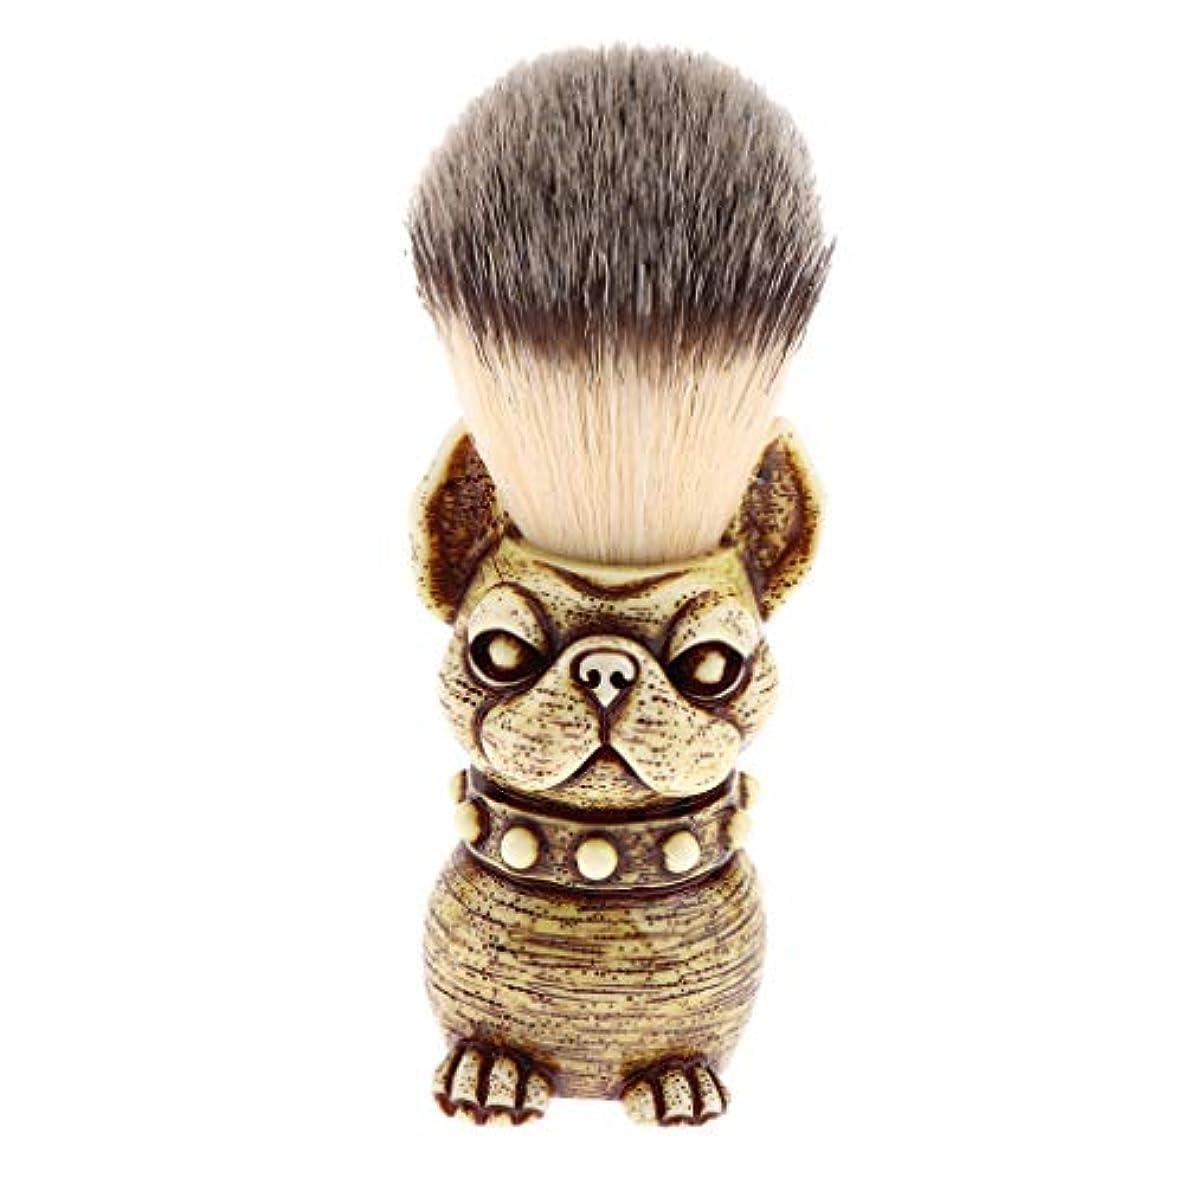 見る人満足メンタル人の理髪師の剃ること、子犬の形のための樹脂のハンドルアナグマの毛の剃るブラシ